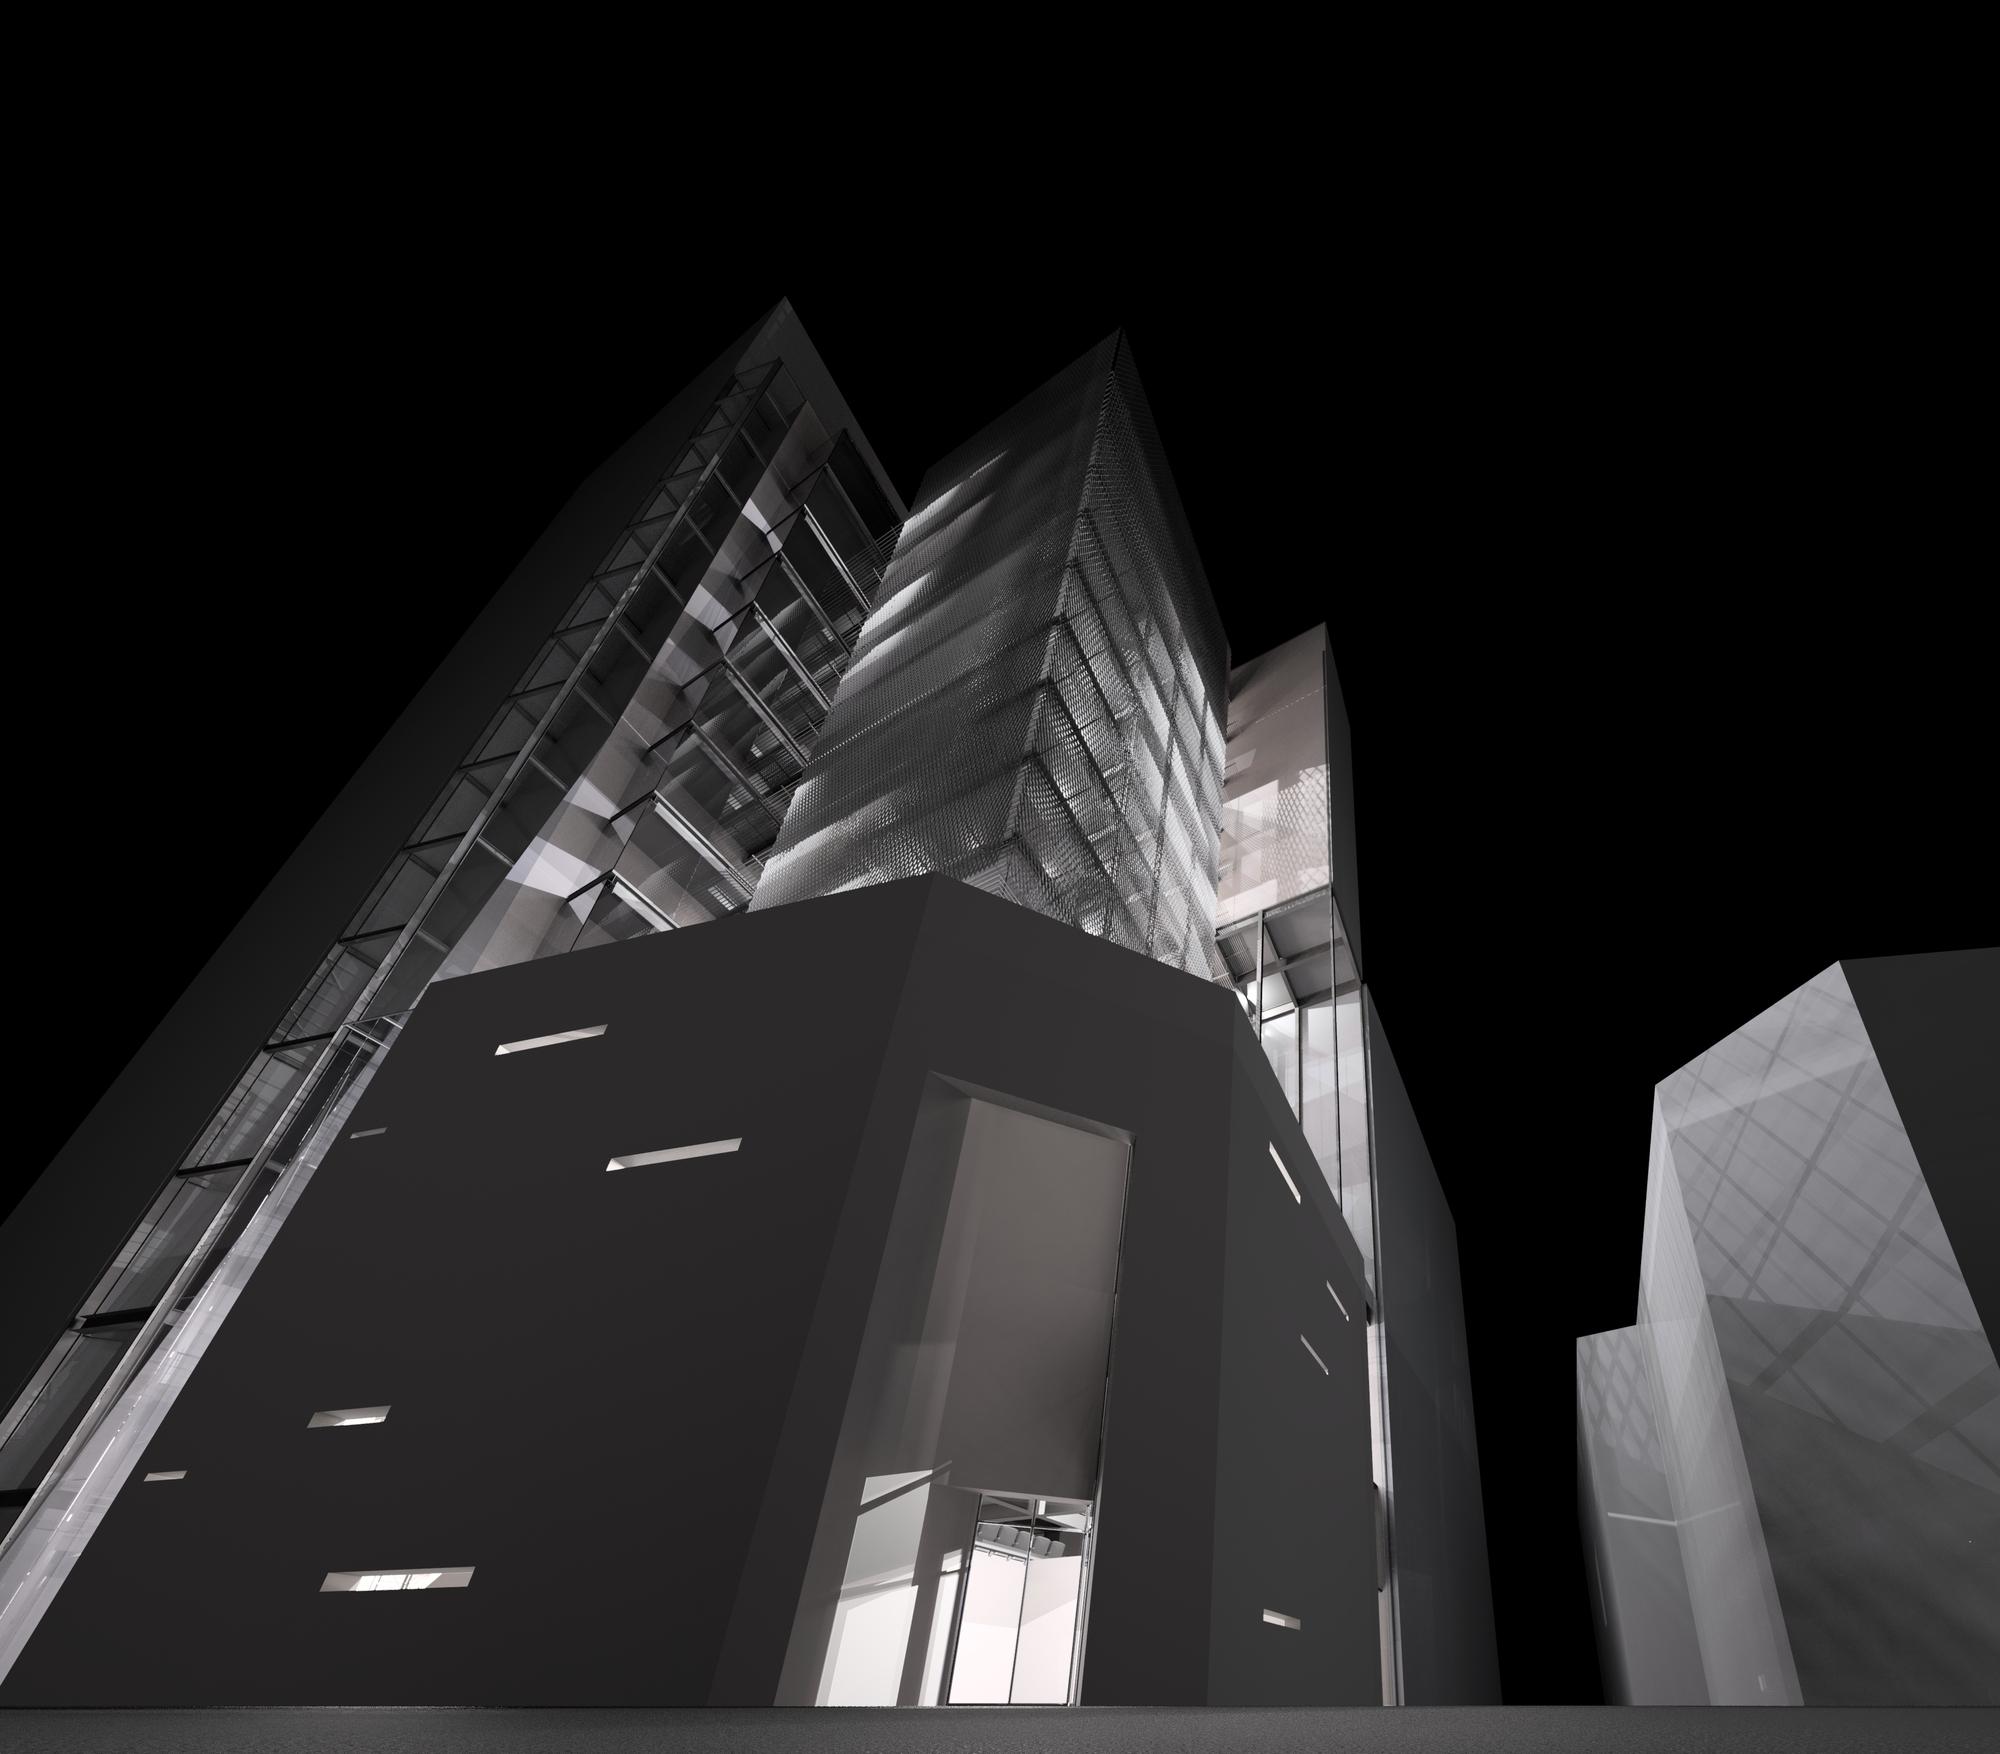 Raas-rendering20141207-5816-vl7g74